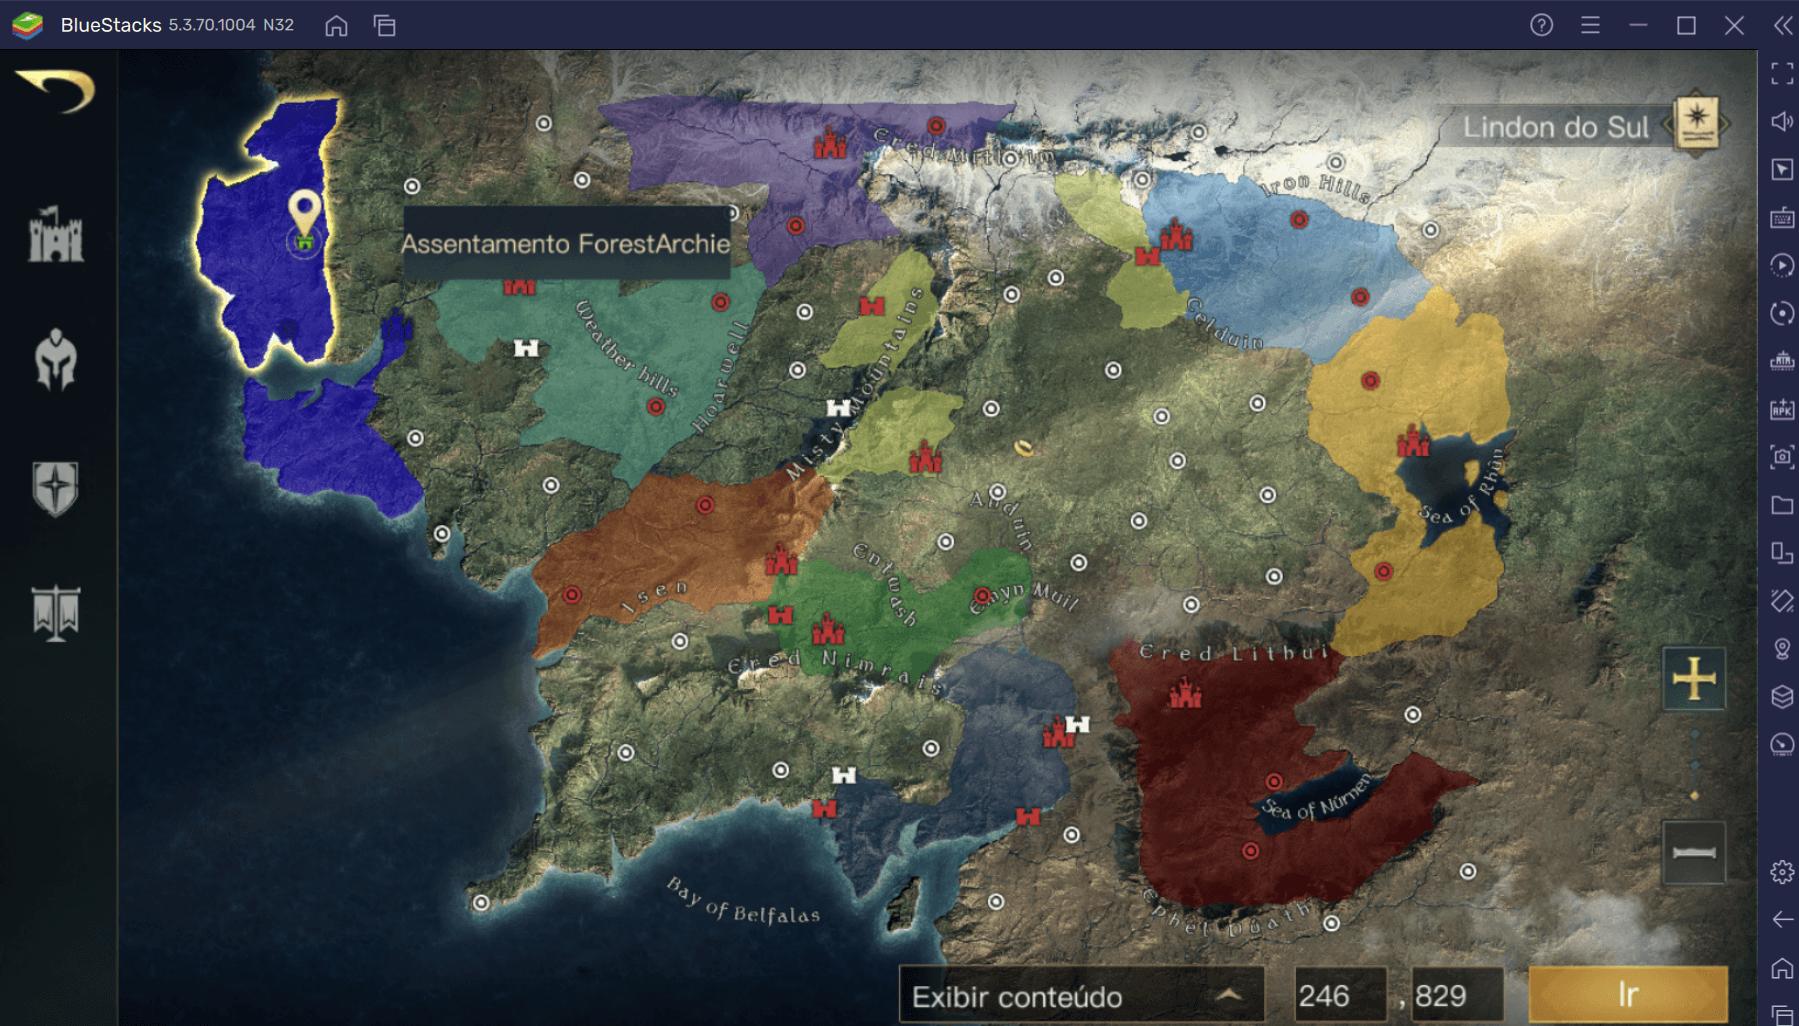 Dicas e Truques para evoluir rapidamente em O Senhor dos Anéis: Guerra